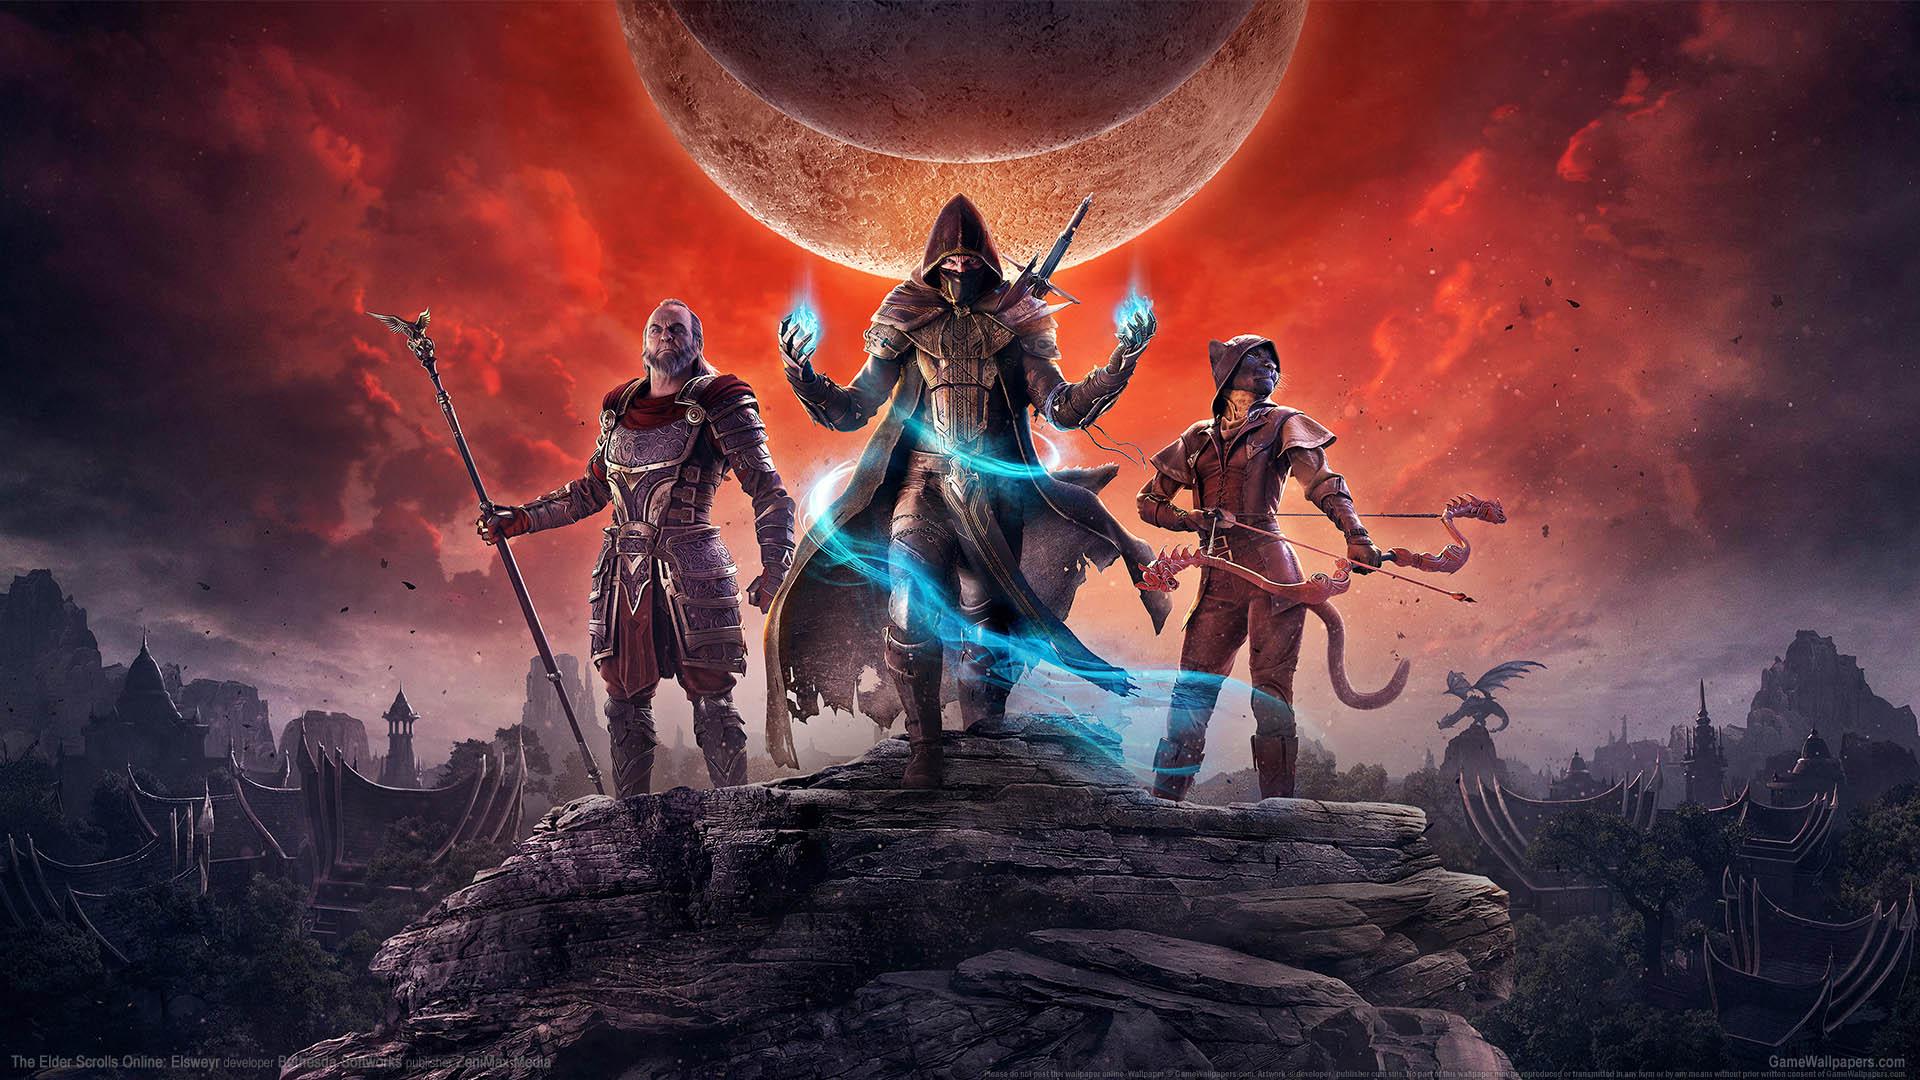 The Elder Scrolls Online: Elsweyr Hintergrundbild 02 1920x1080